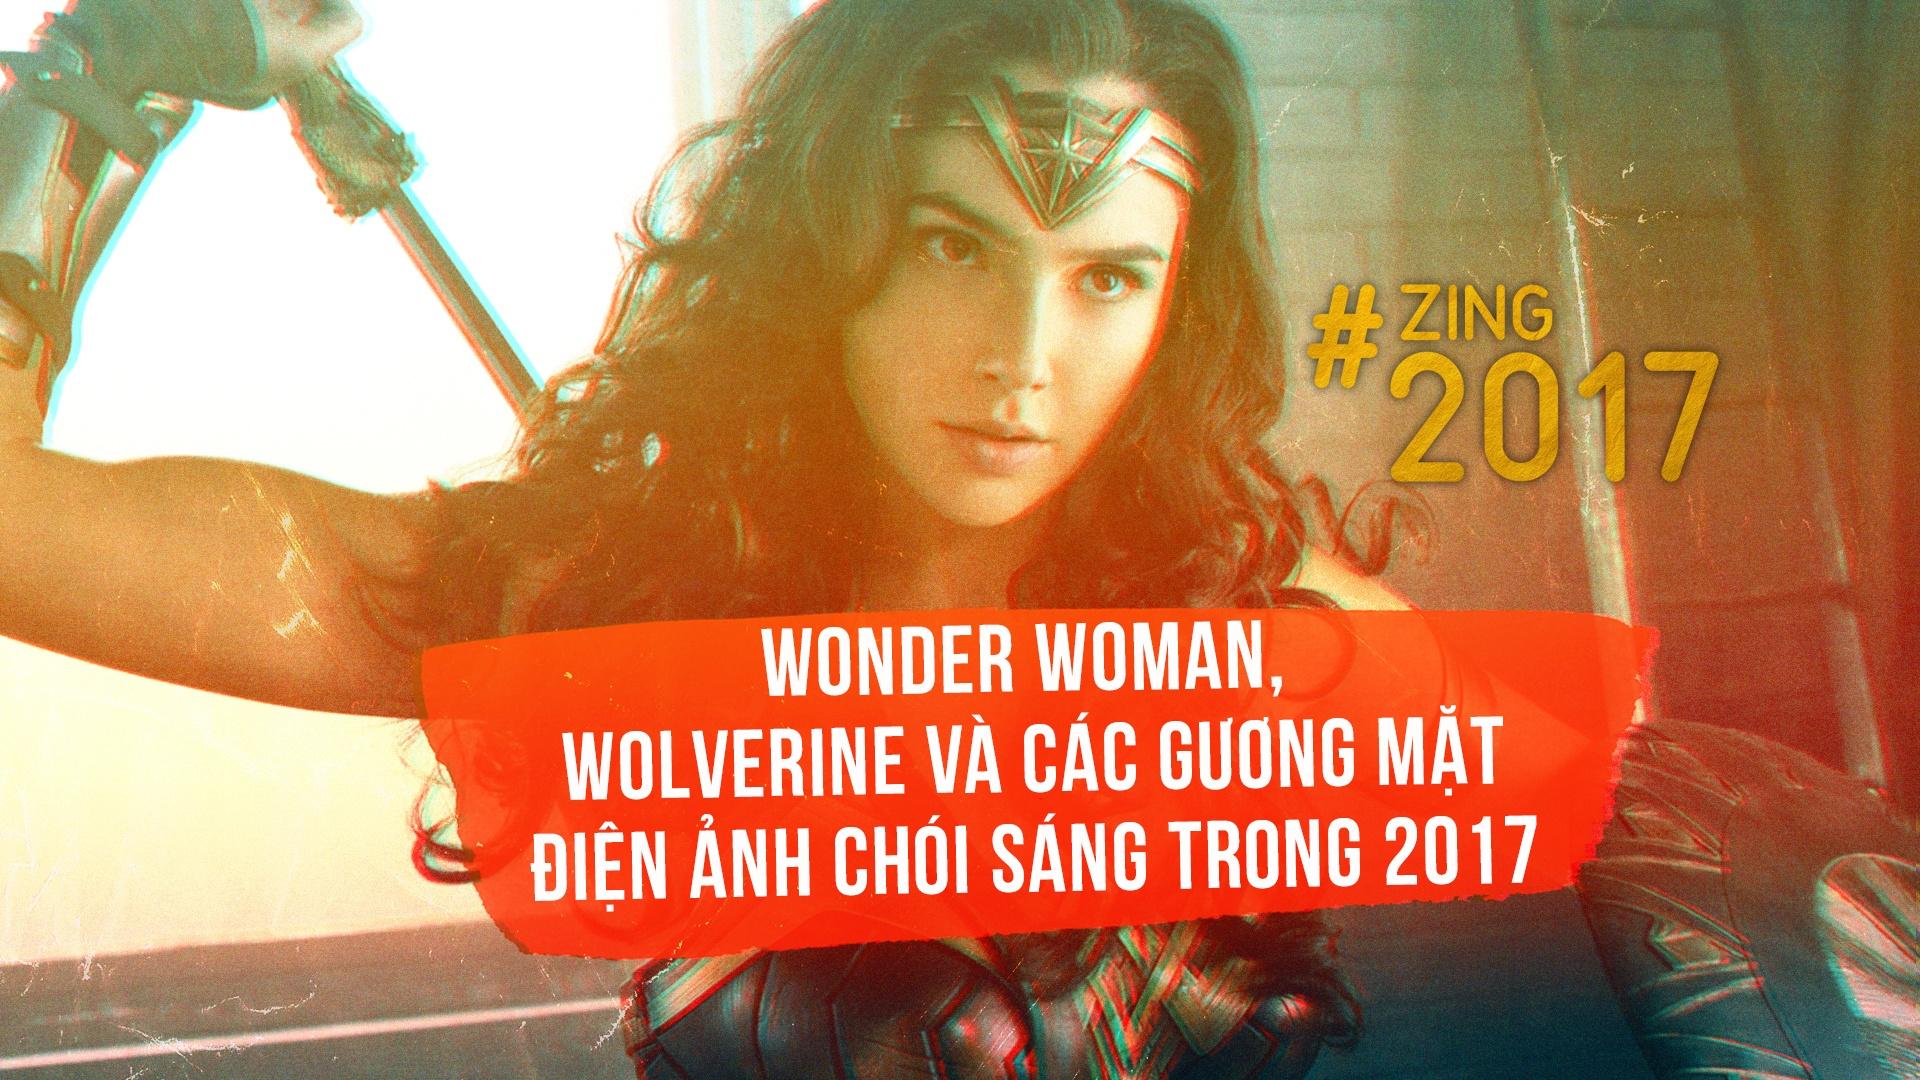 Wonder Woman, Wolverine va cac guong mat dien anh choi sang trong 2017 hinh anh 1